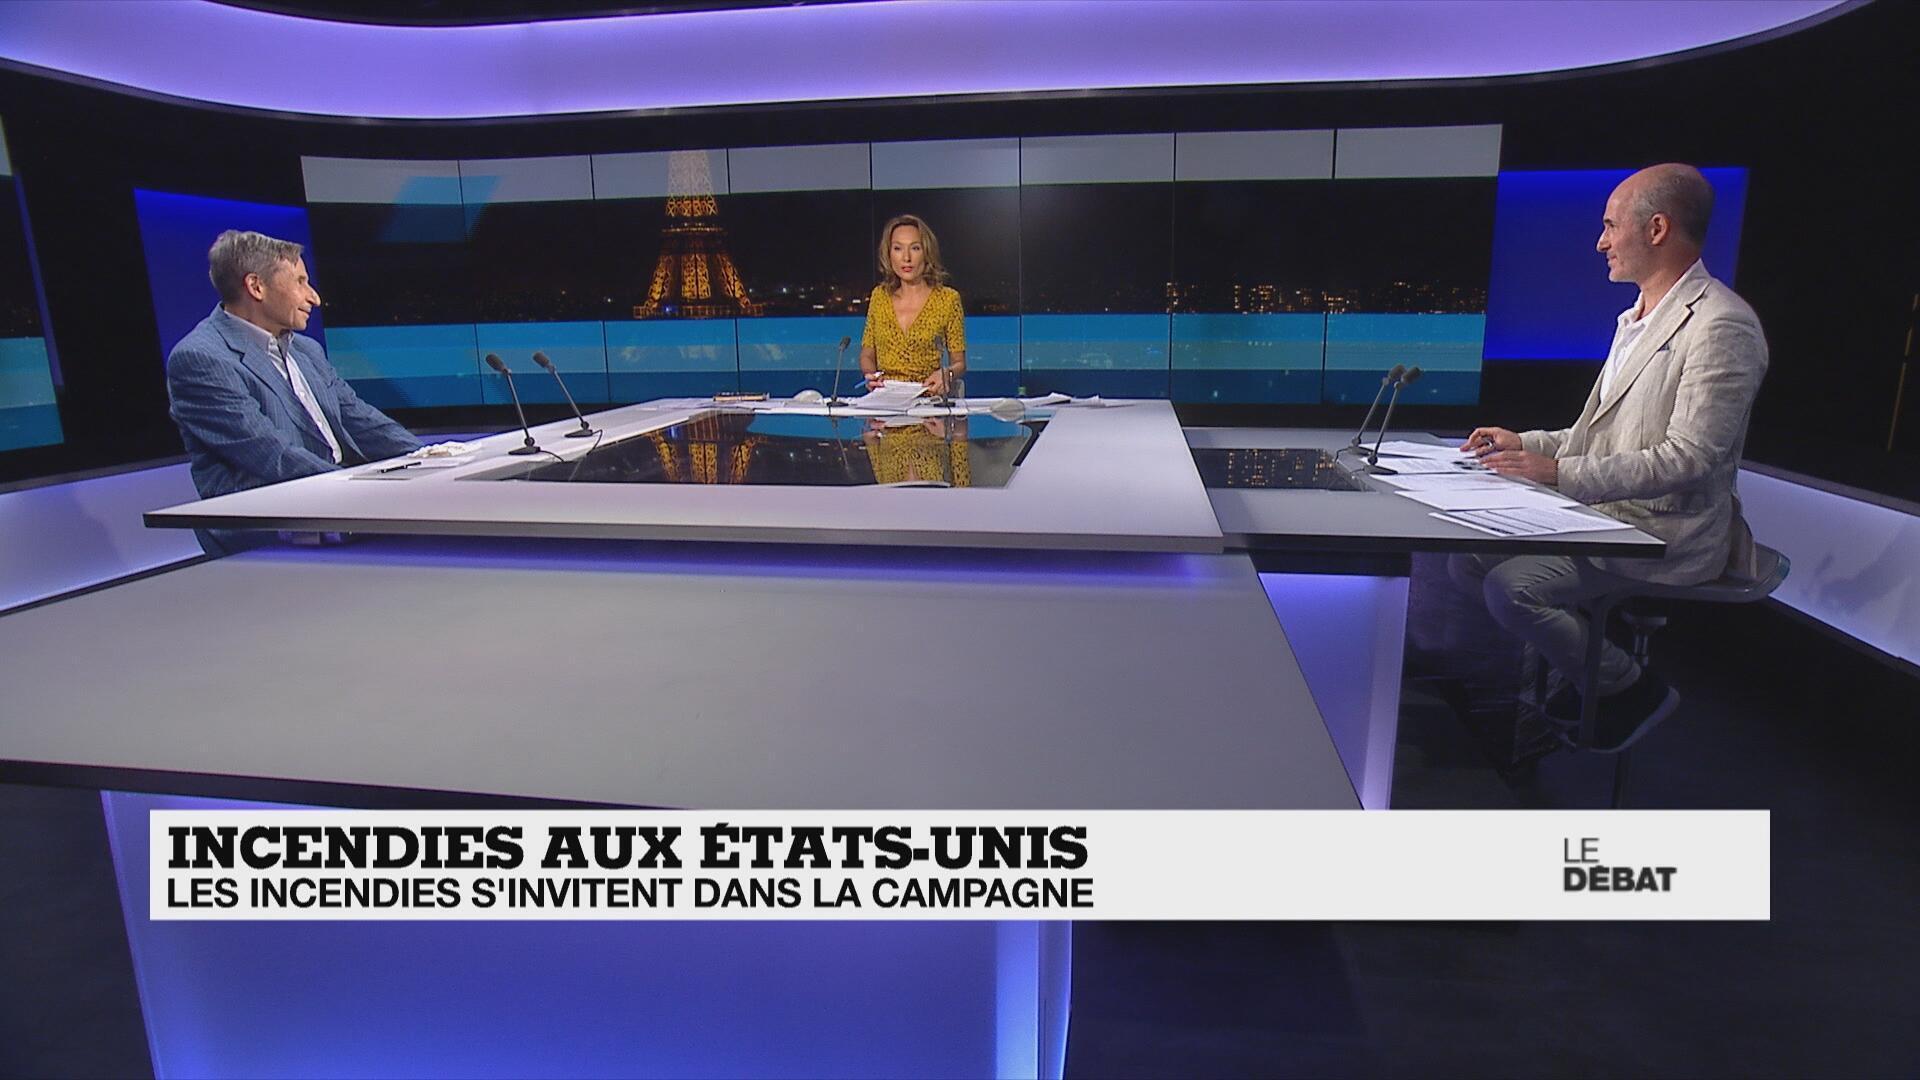 Le Débat de France 24 - lundi 14 septembre 2020